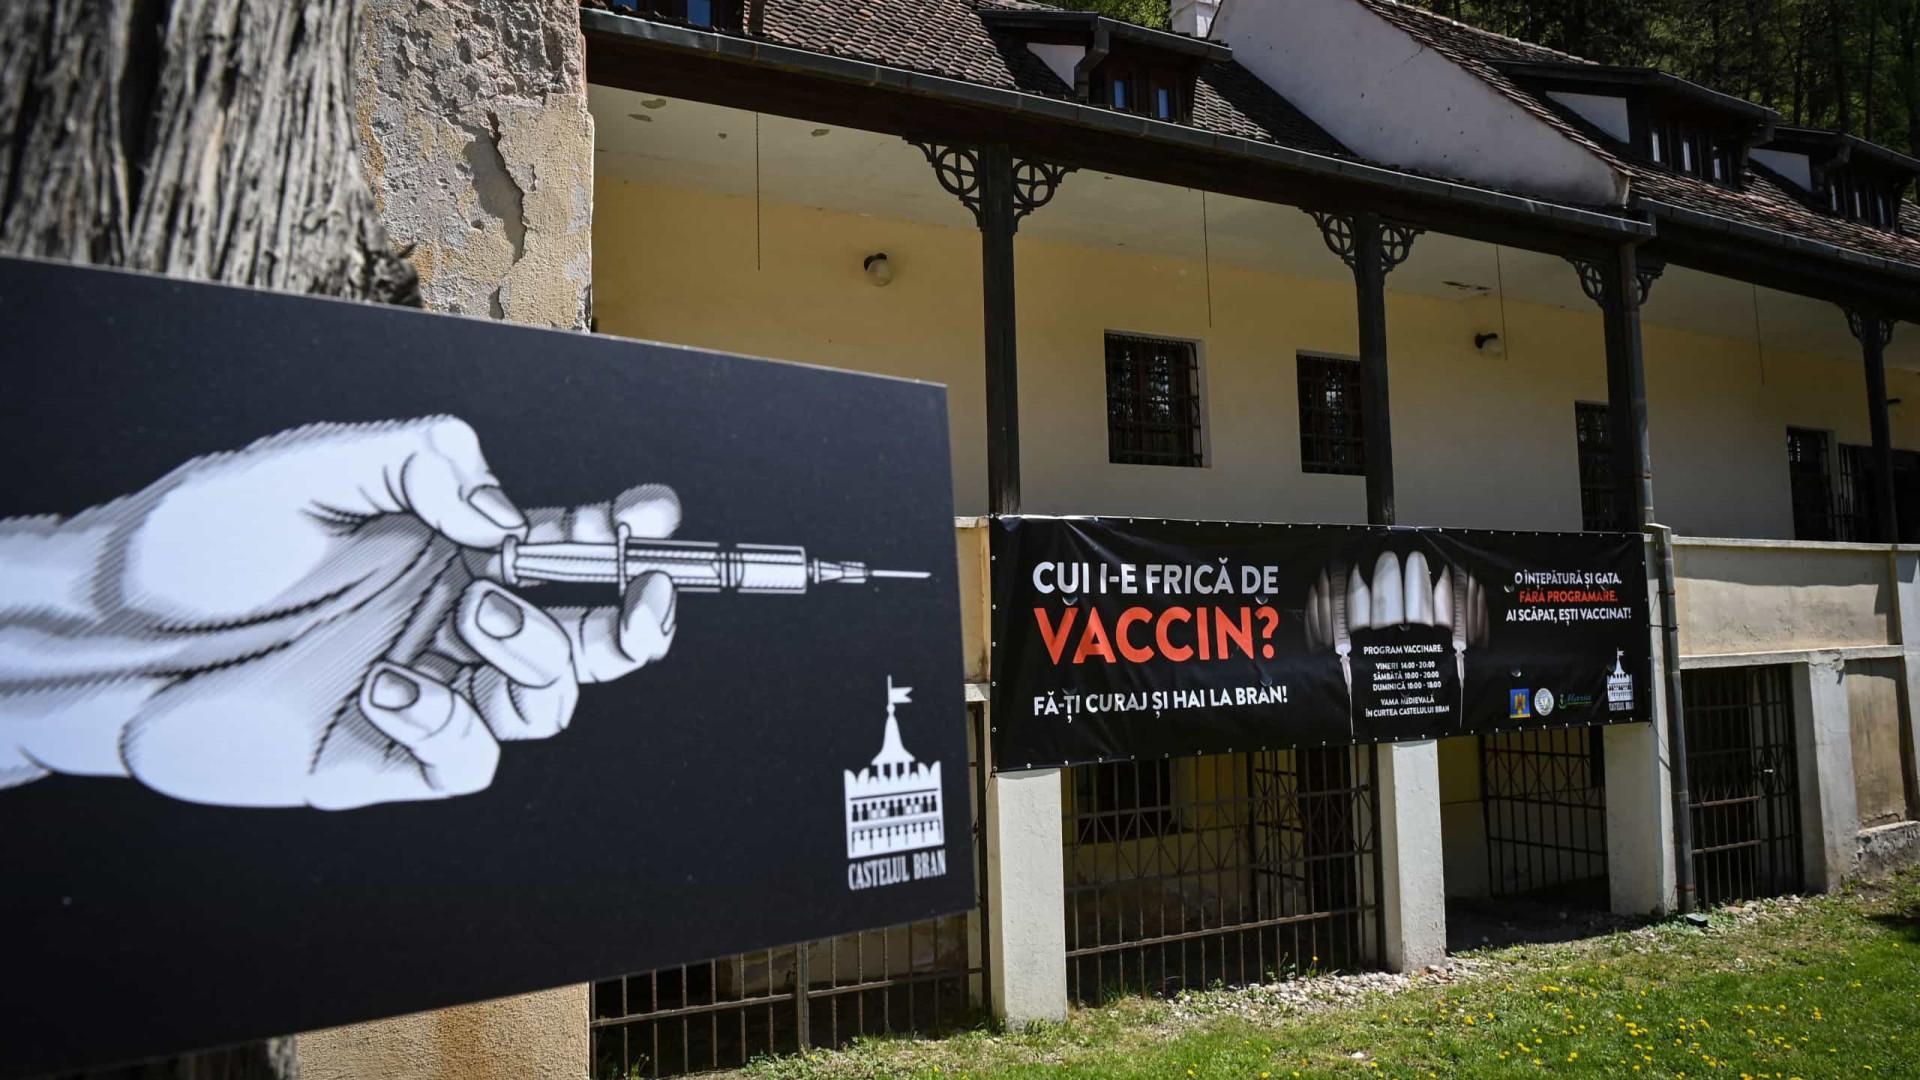 Outro tipo de picada. Castelo do Drácula oferece vacinas a visitantes